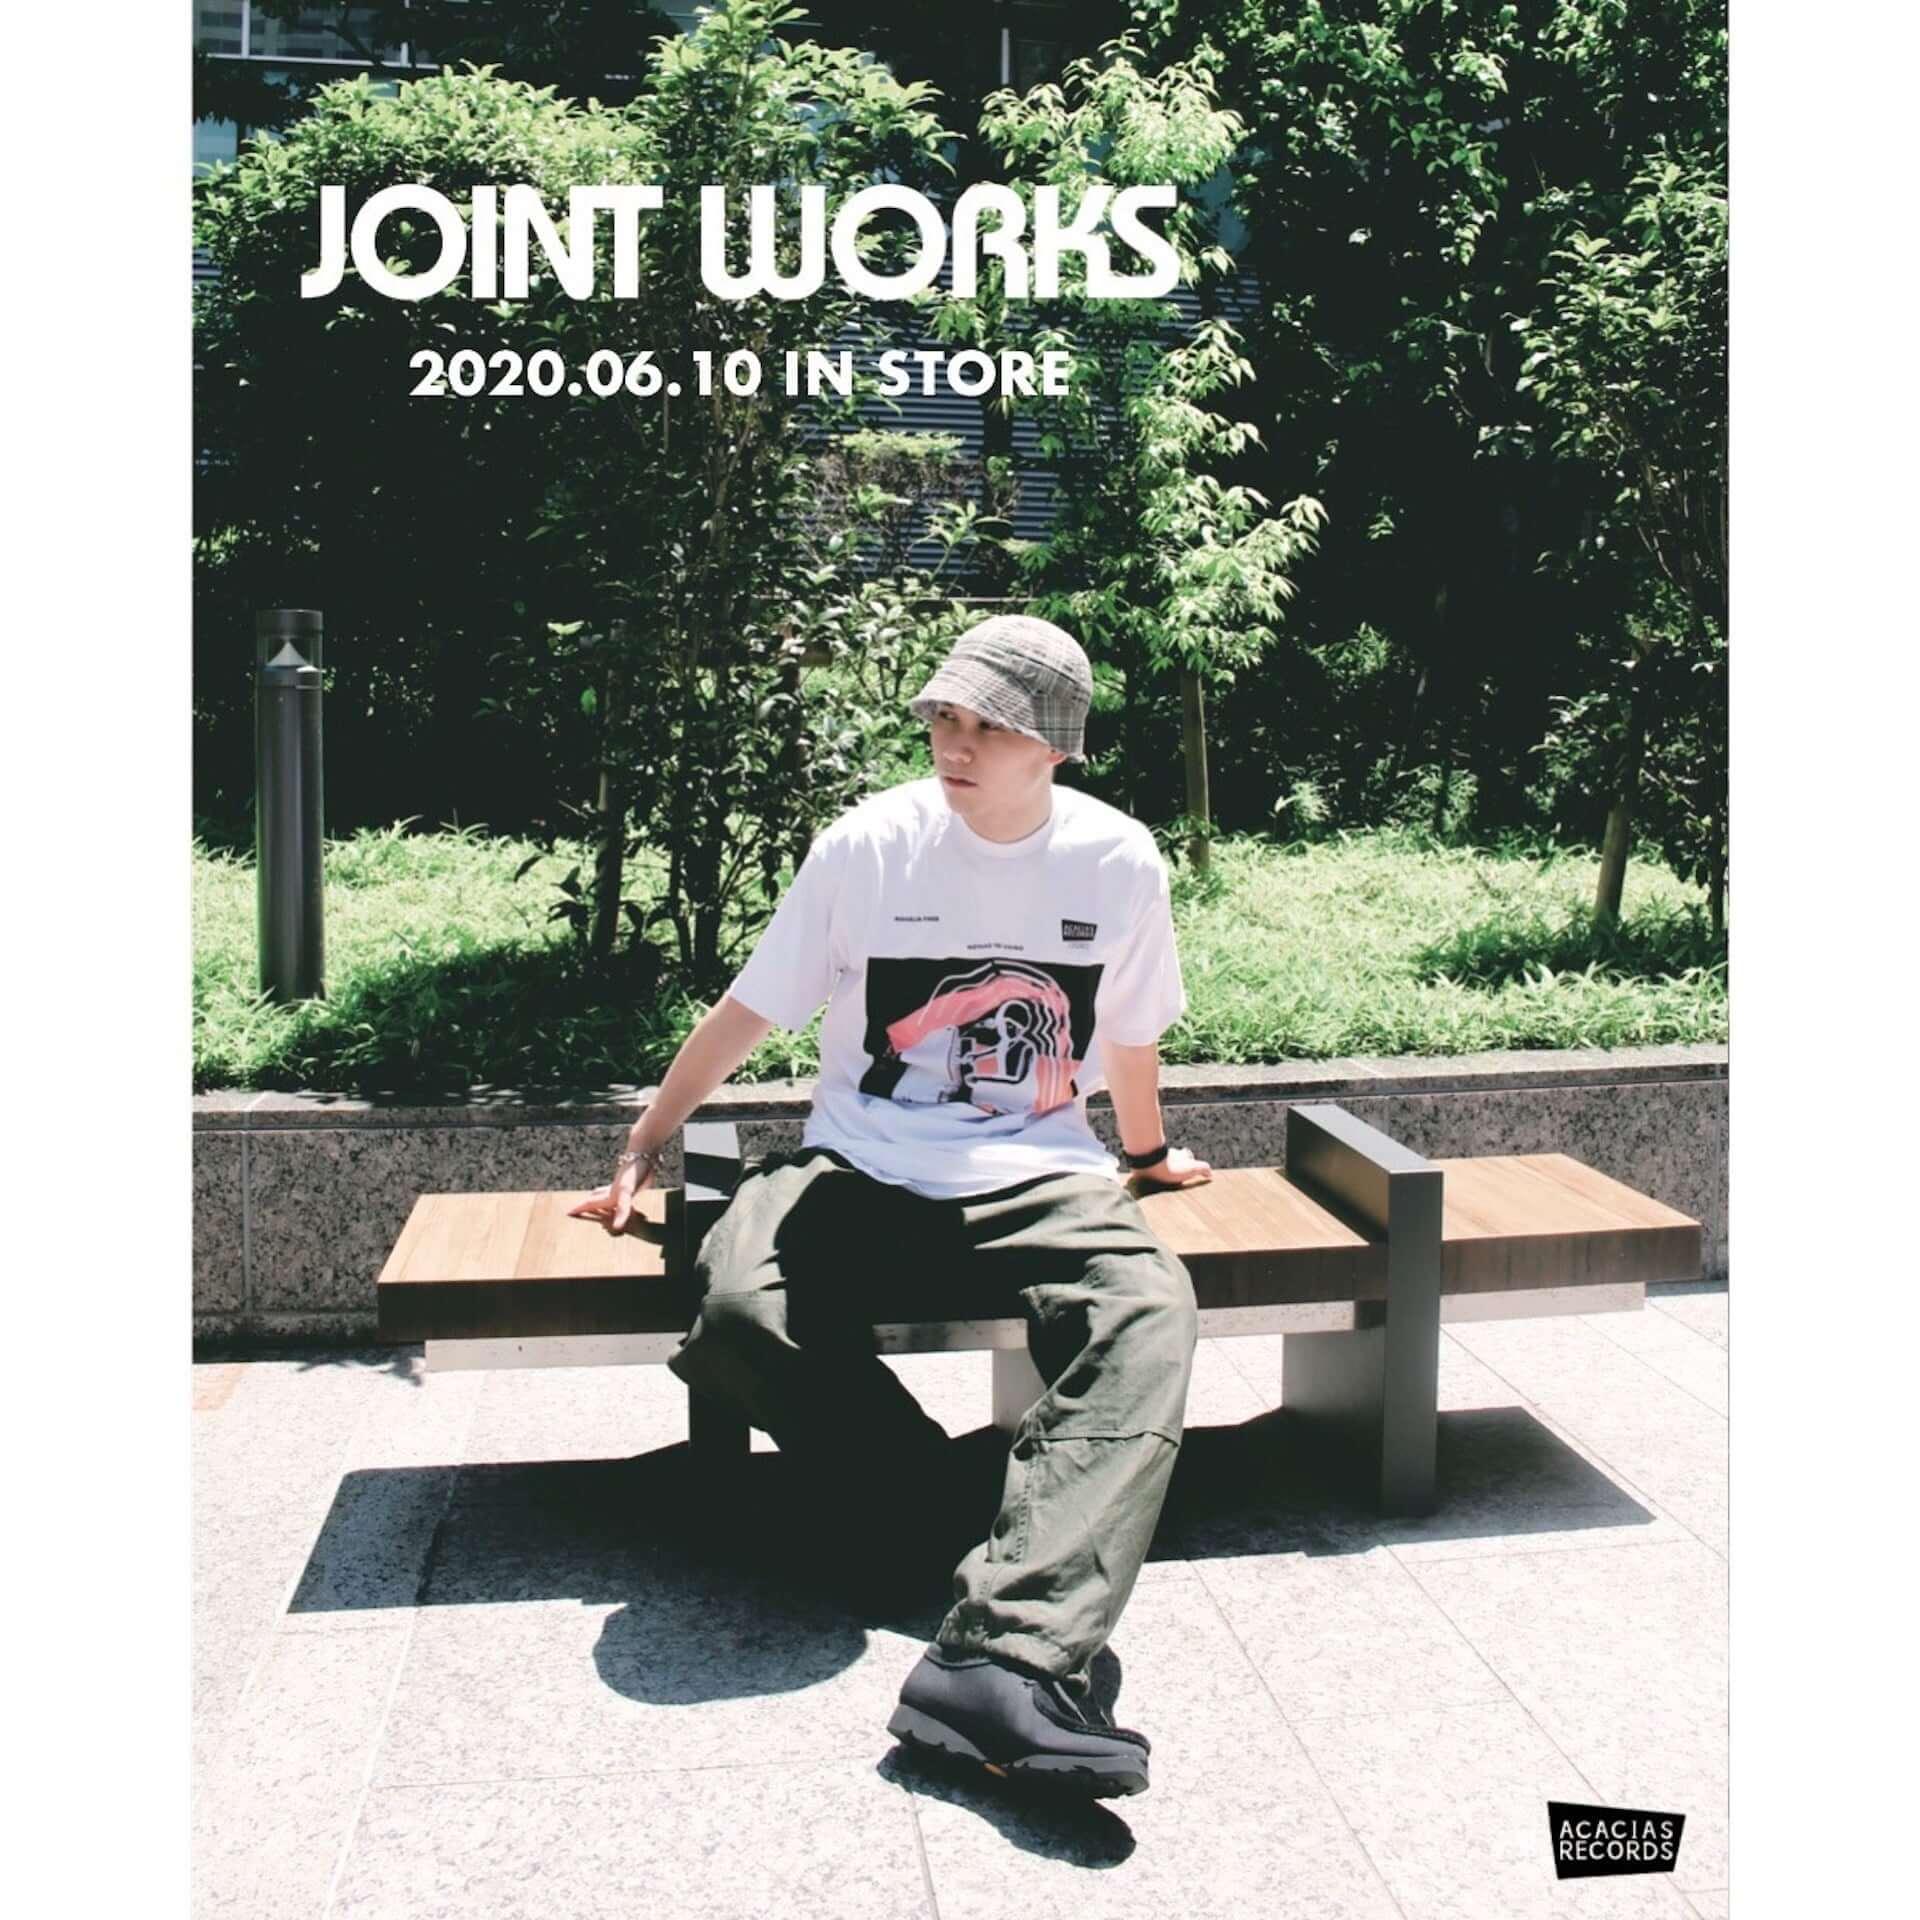 架空のレコードショップ・ACACIAS RECORDSのTシャツがJOINT WORKSにて販売決定|先着でステッカーもプレゼント lf200609_acaciasrecords_4-1920x1920